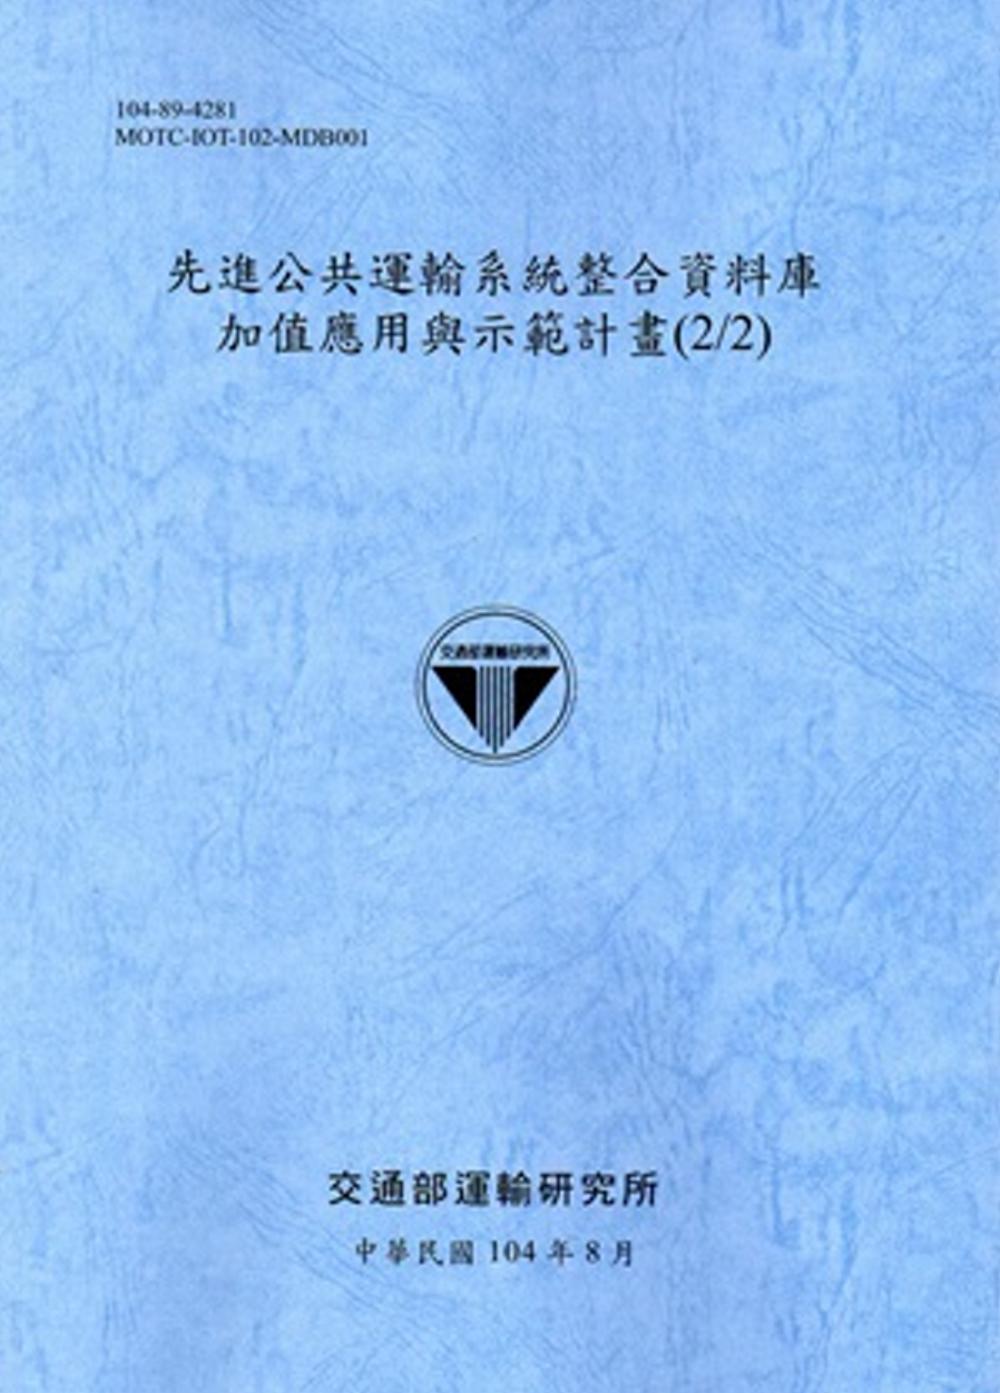 先進公共運輸系統整合資料庫加值應用與示範計畫(2/2) [藍灰]